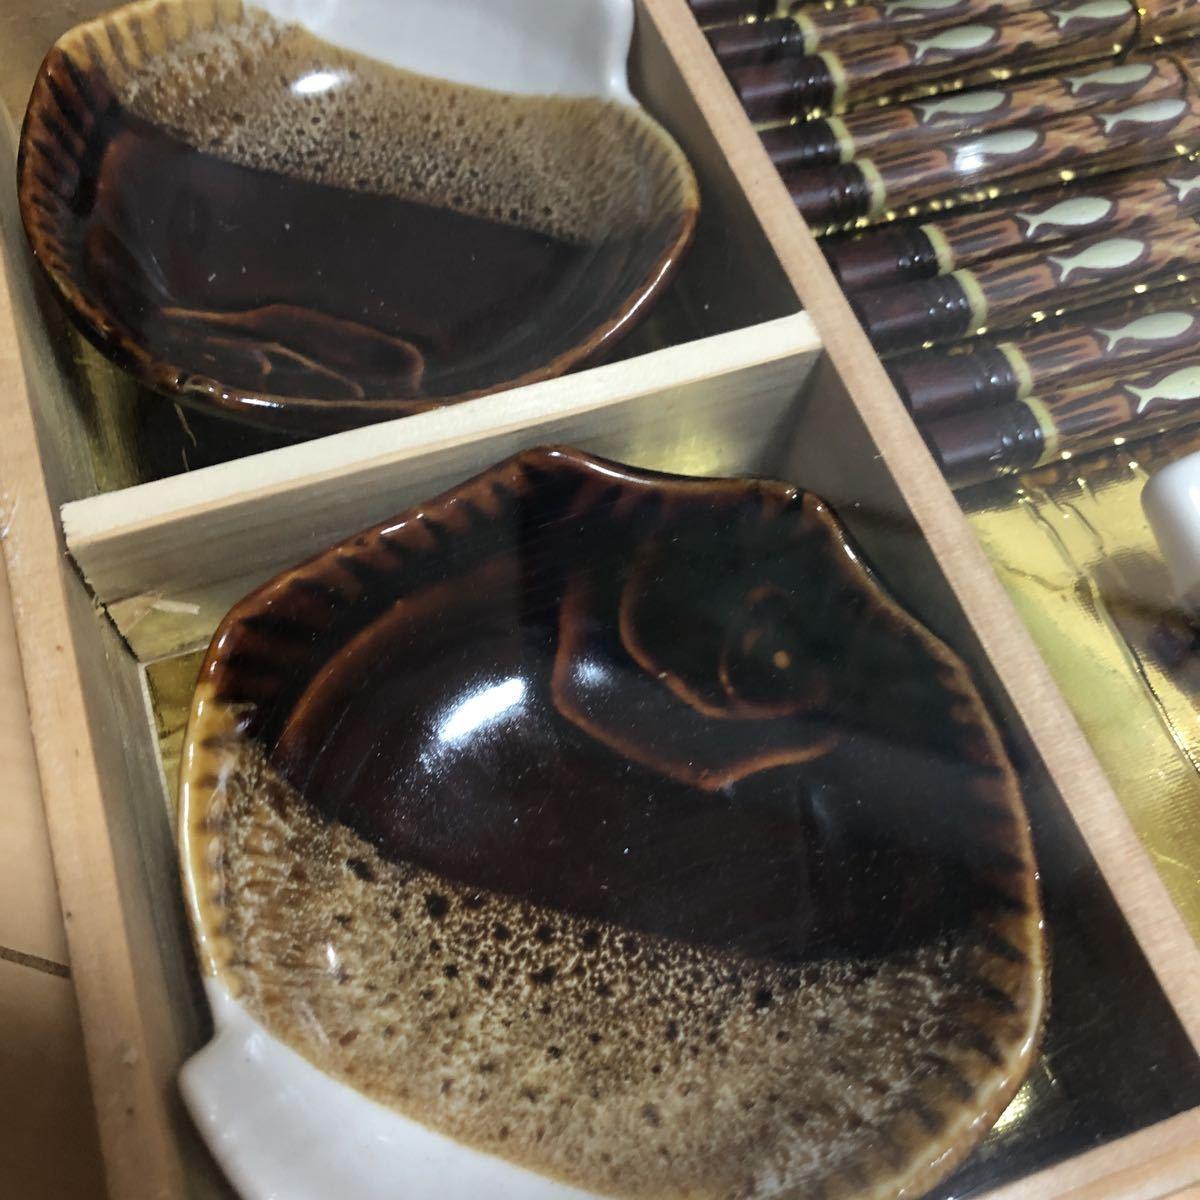 新品 未使用 箸 セット 箸置き 小皿 5膳 陶器 食器 5セット 木箱入り_画像4